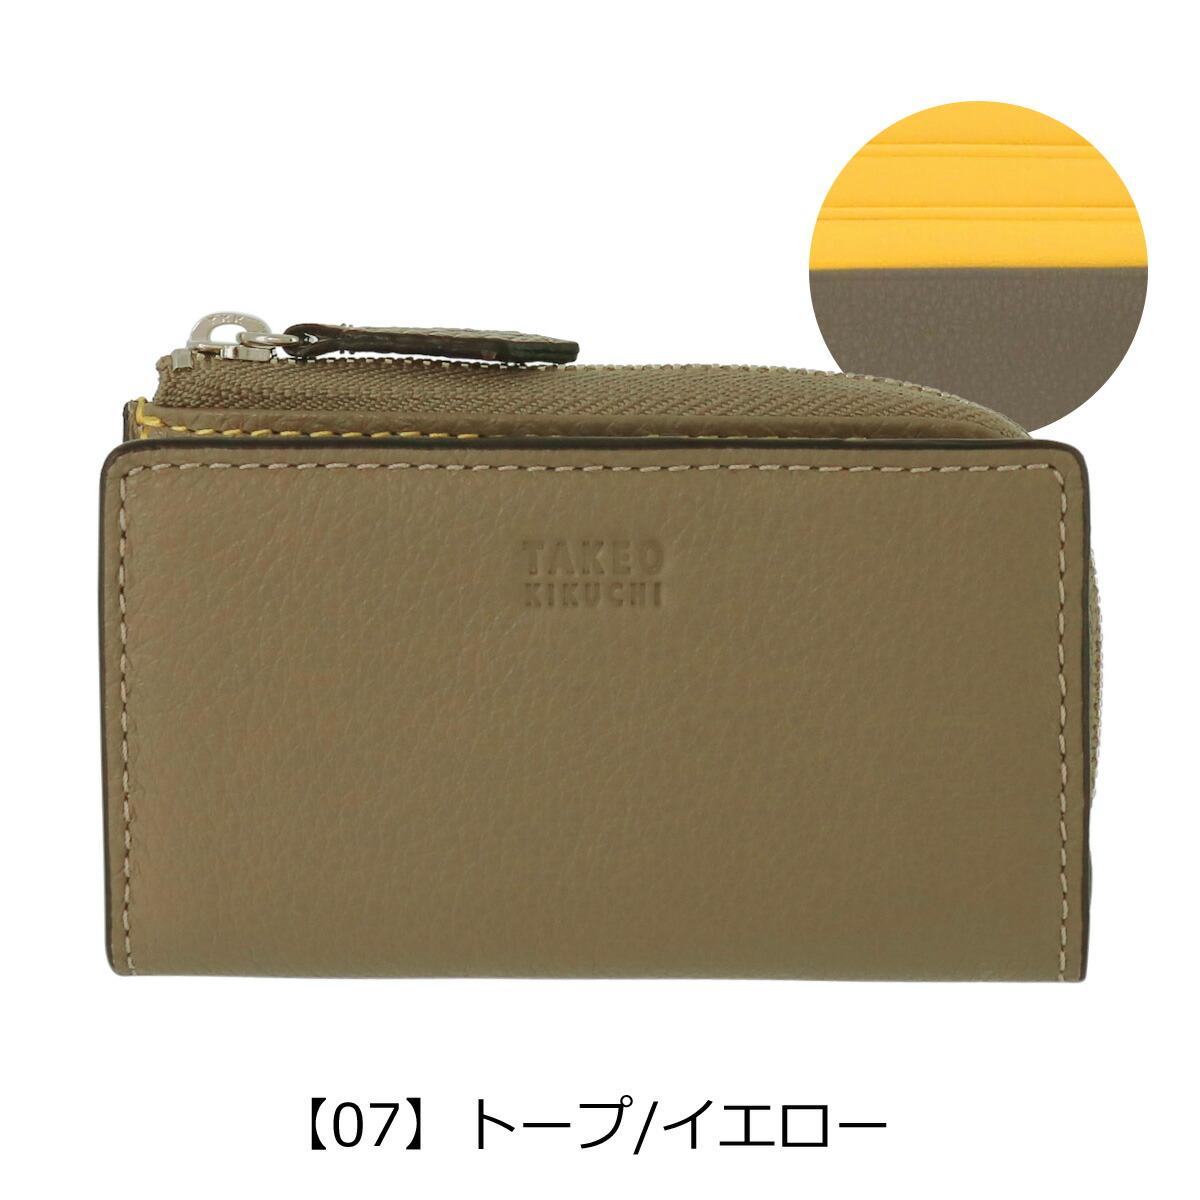 【07】トープ/イエロー